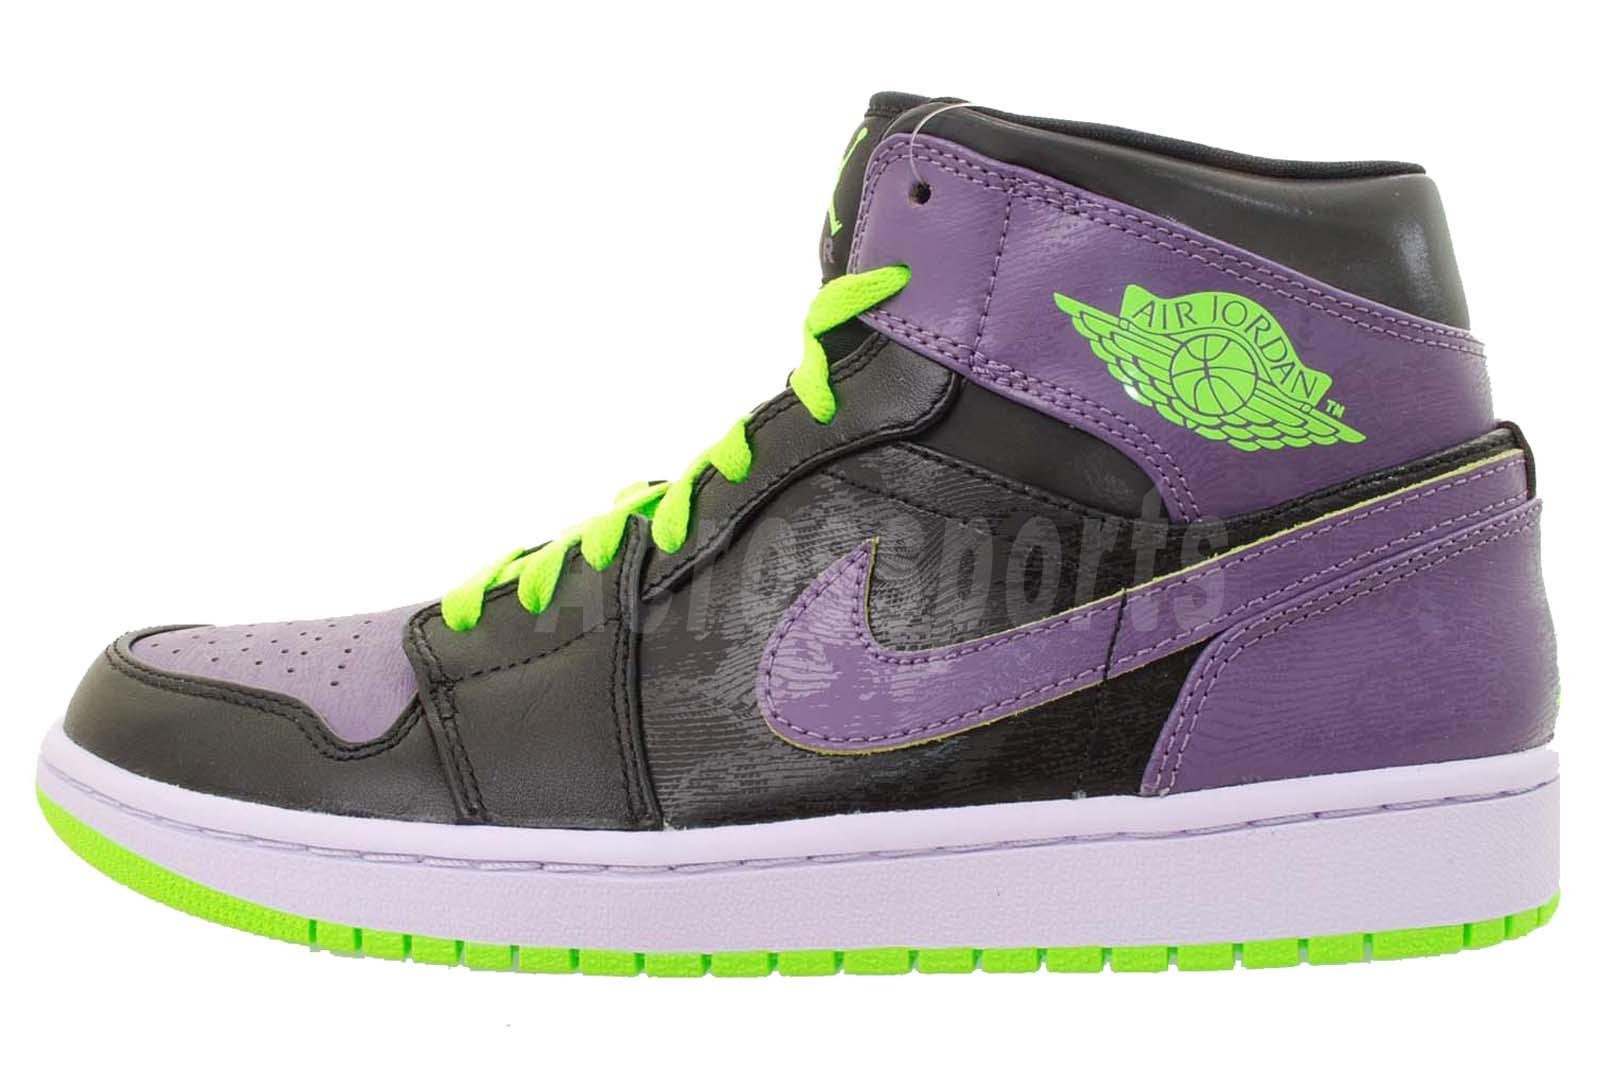 c33f04f0a21 Nike Air Jordan 1 Joker